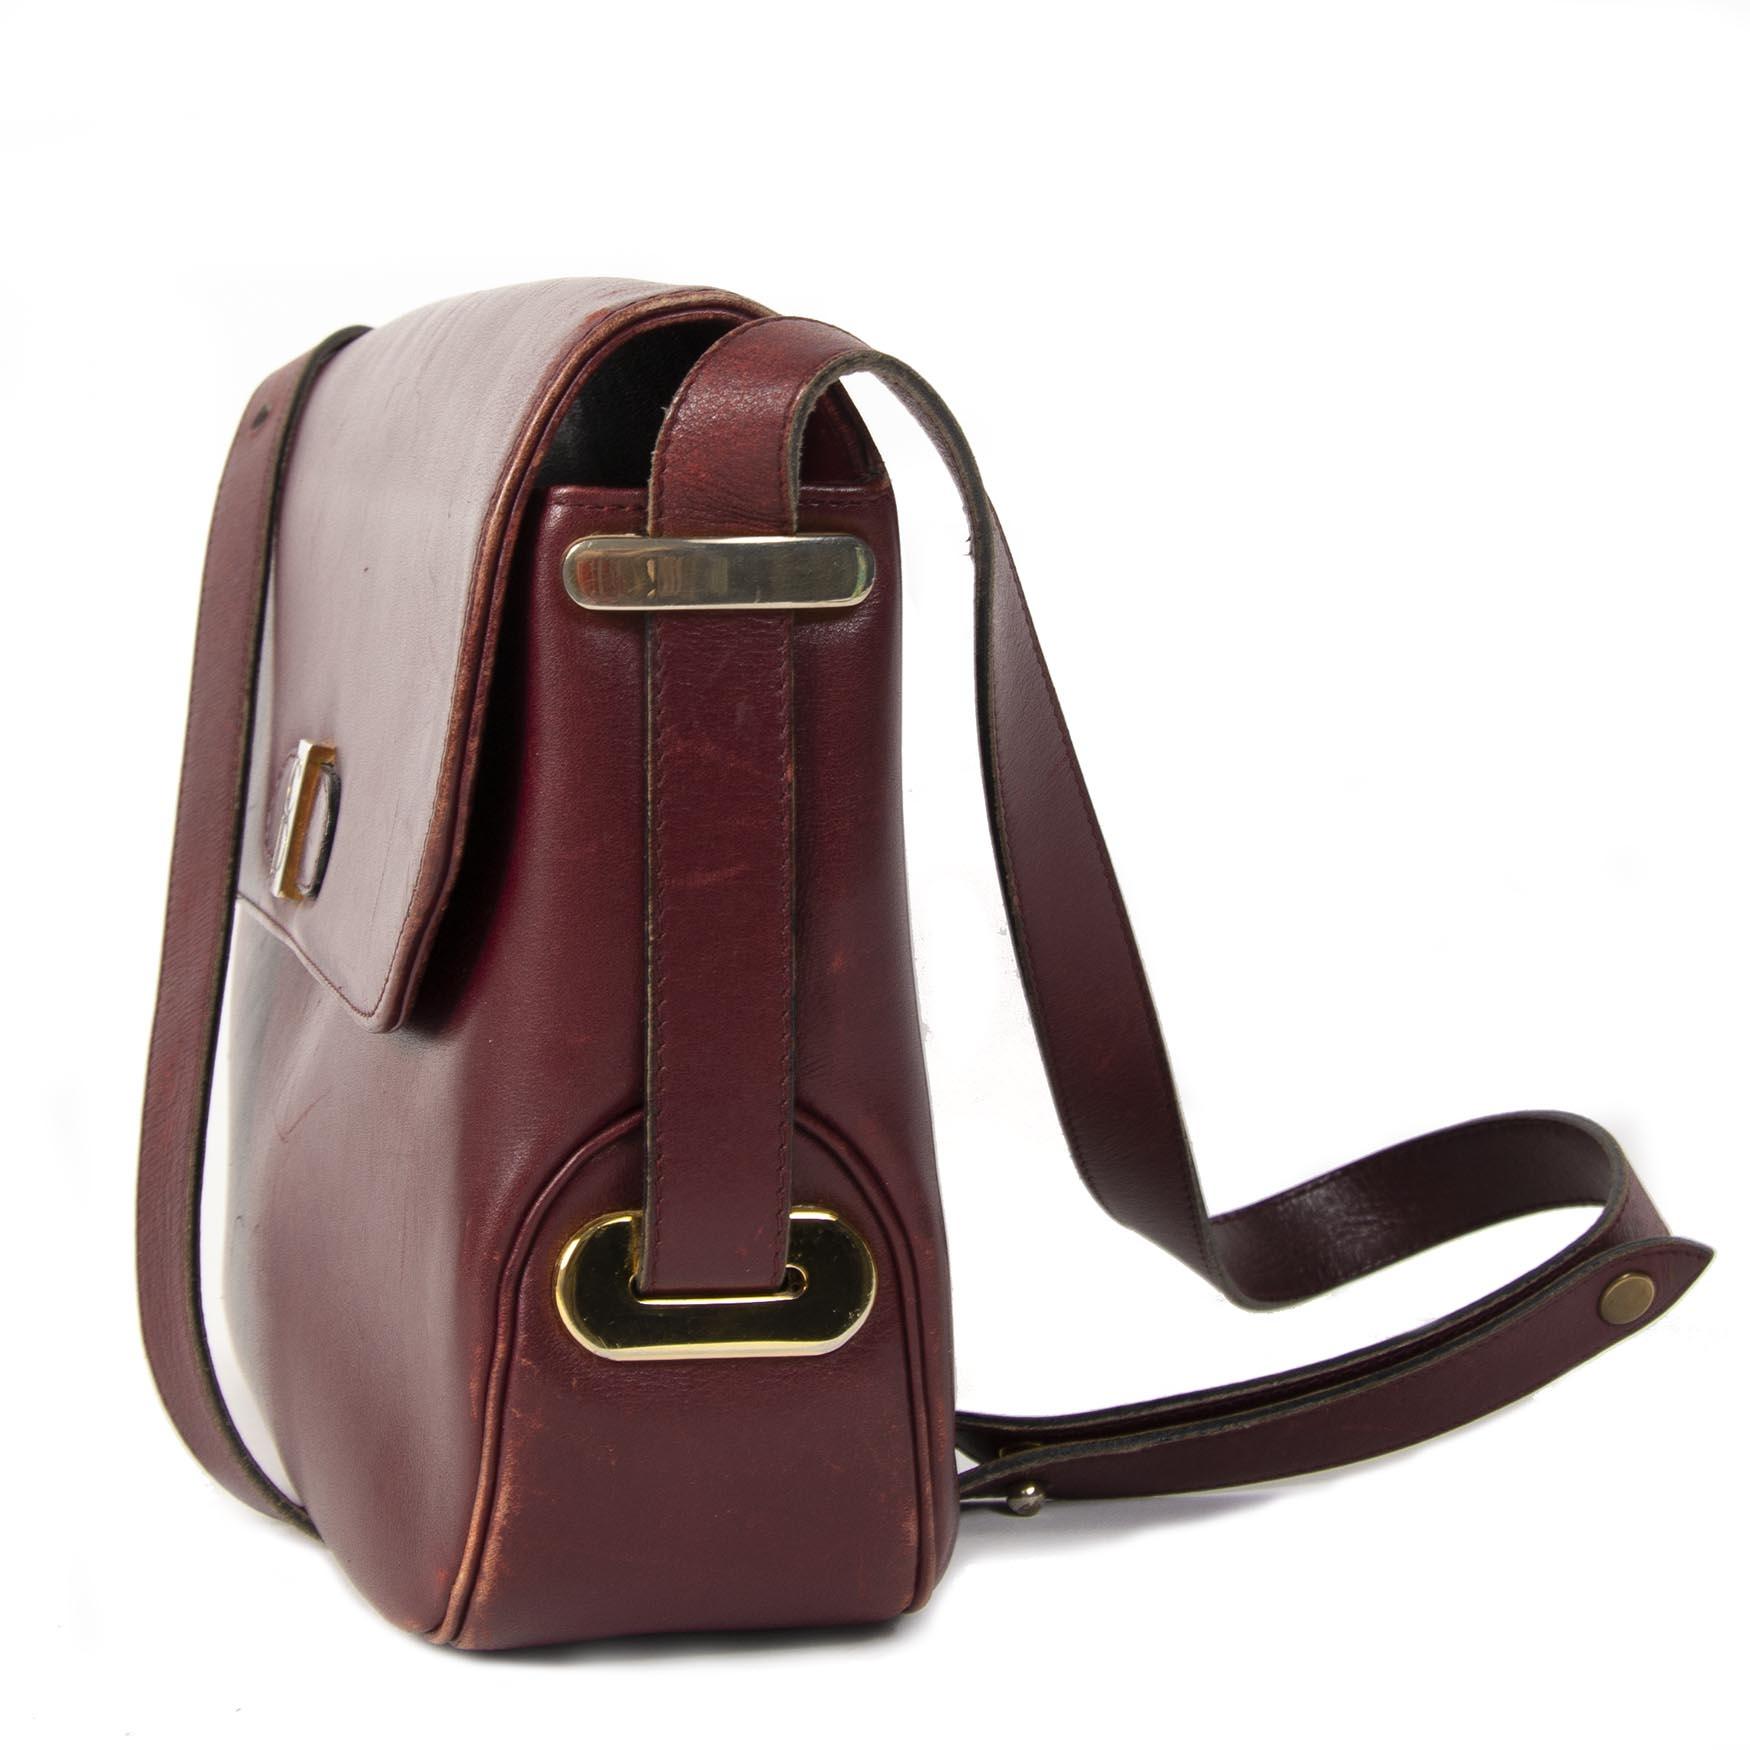 Authentieke tweedehans Christian Dior Vintage Bordeaux Crossbody Bag juiste prijs veilig online winkelen LabelLOV webshop luxe merken winkelen Antwerpen België mode fashion